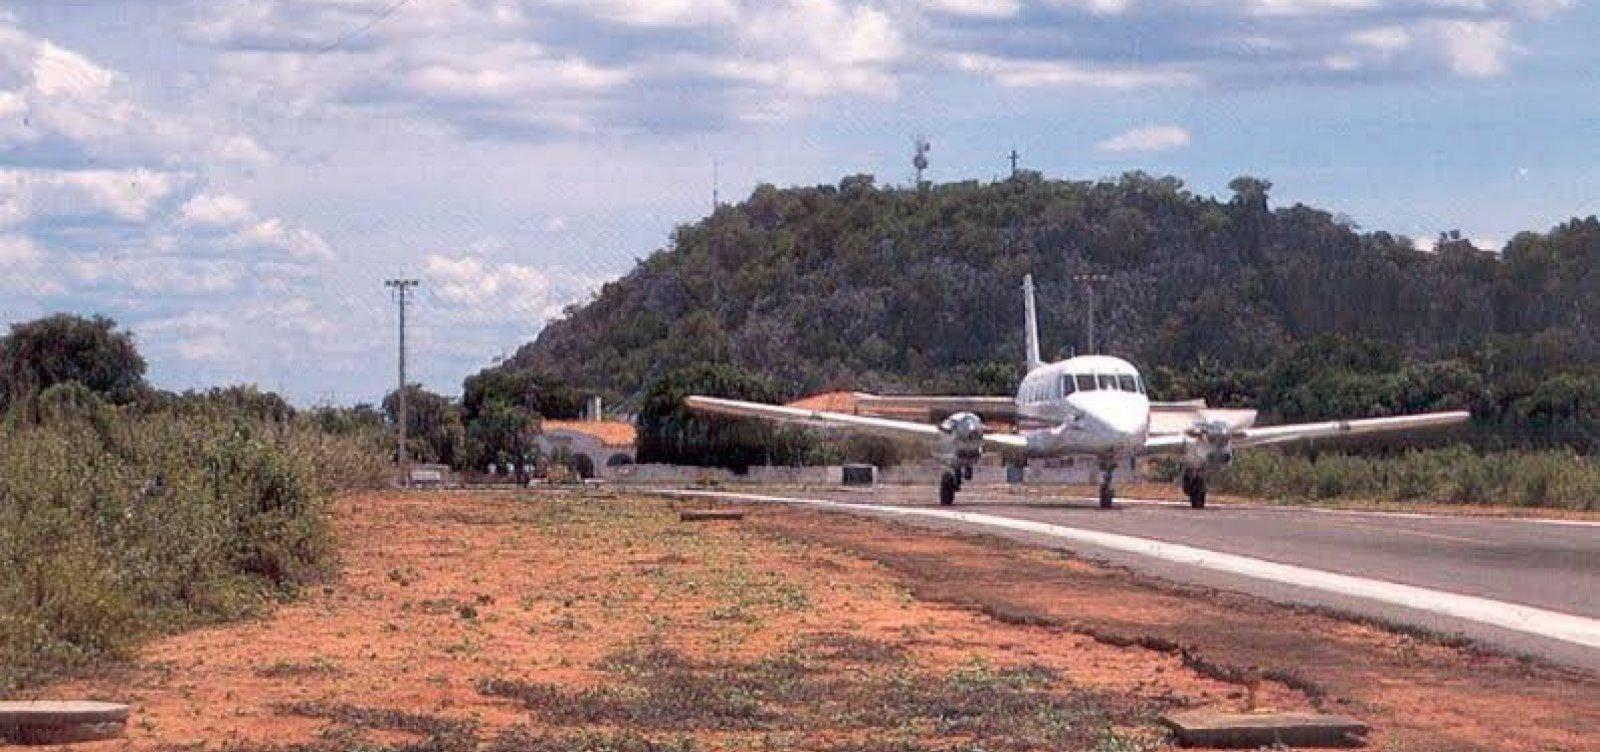 [Governo divulga resultado de licitação para construir novo aeroporto de Bom Jesus da Lapa]